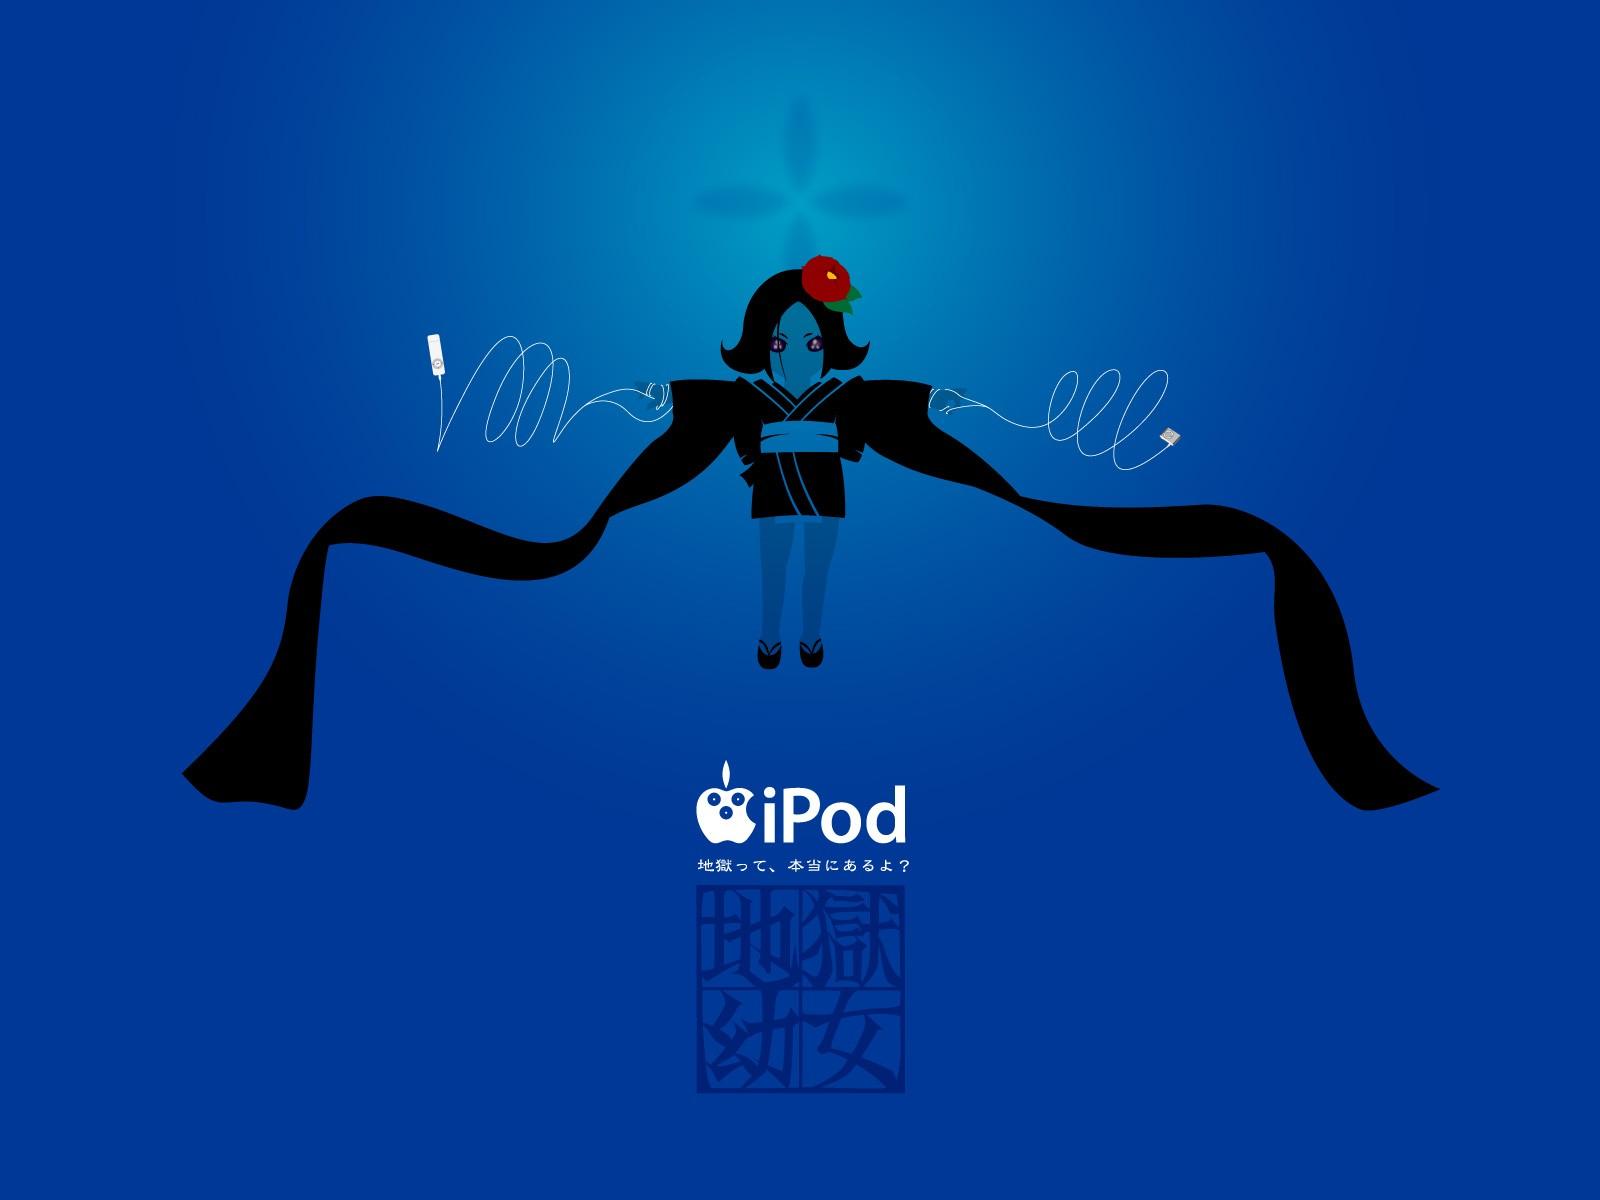 デスクトップ壁紙 図 アニメの女の子 Ipod 地獄少女 ブランド